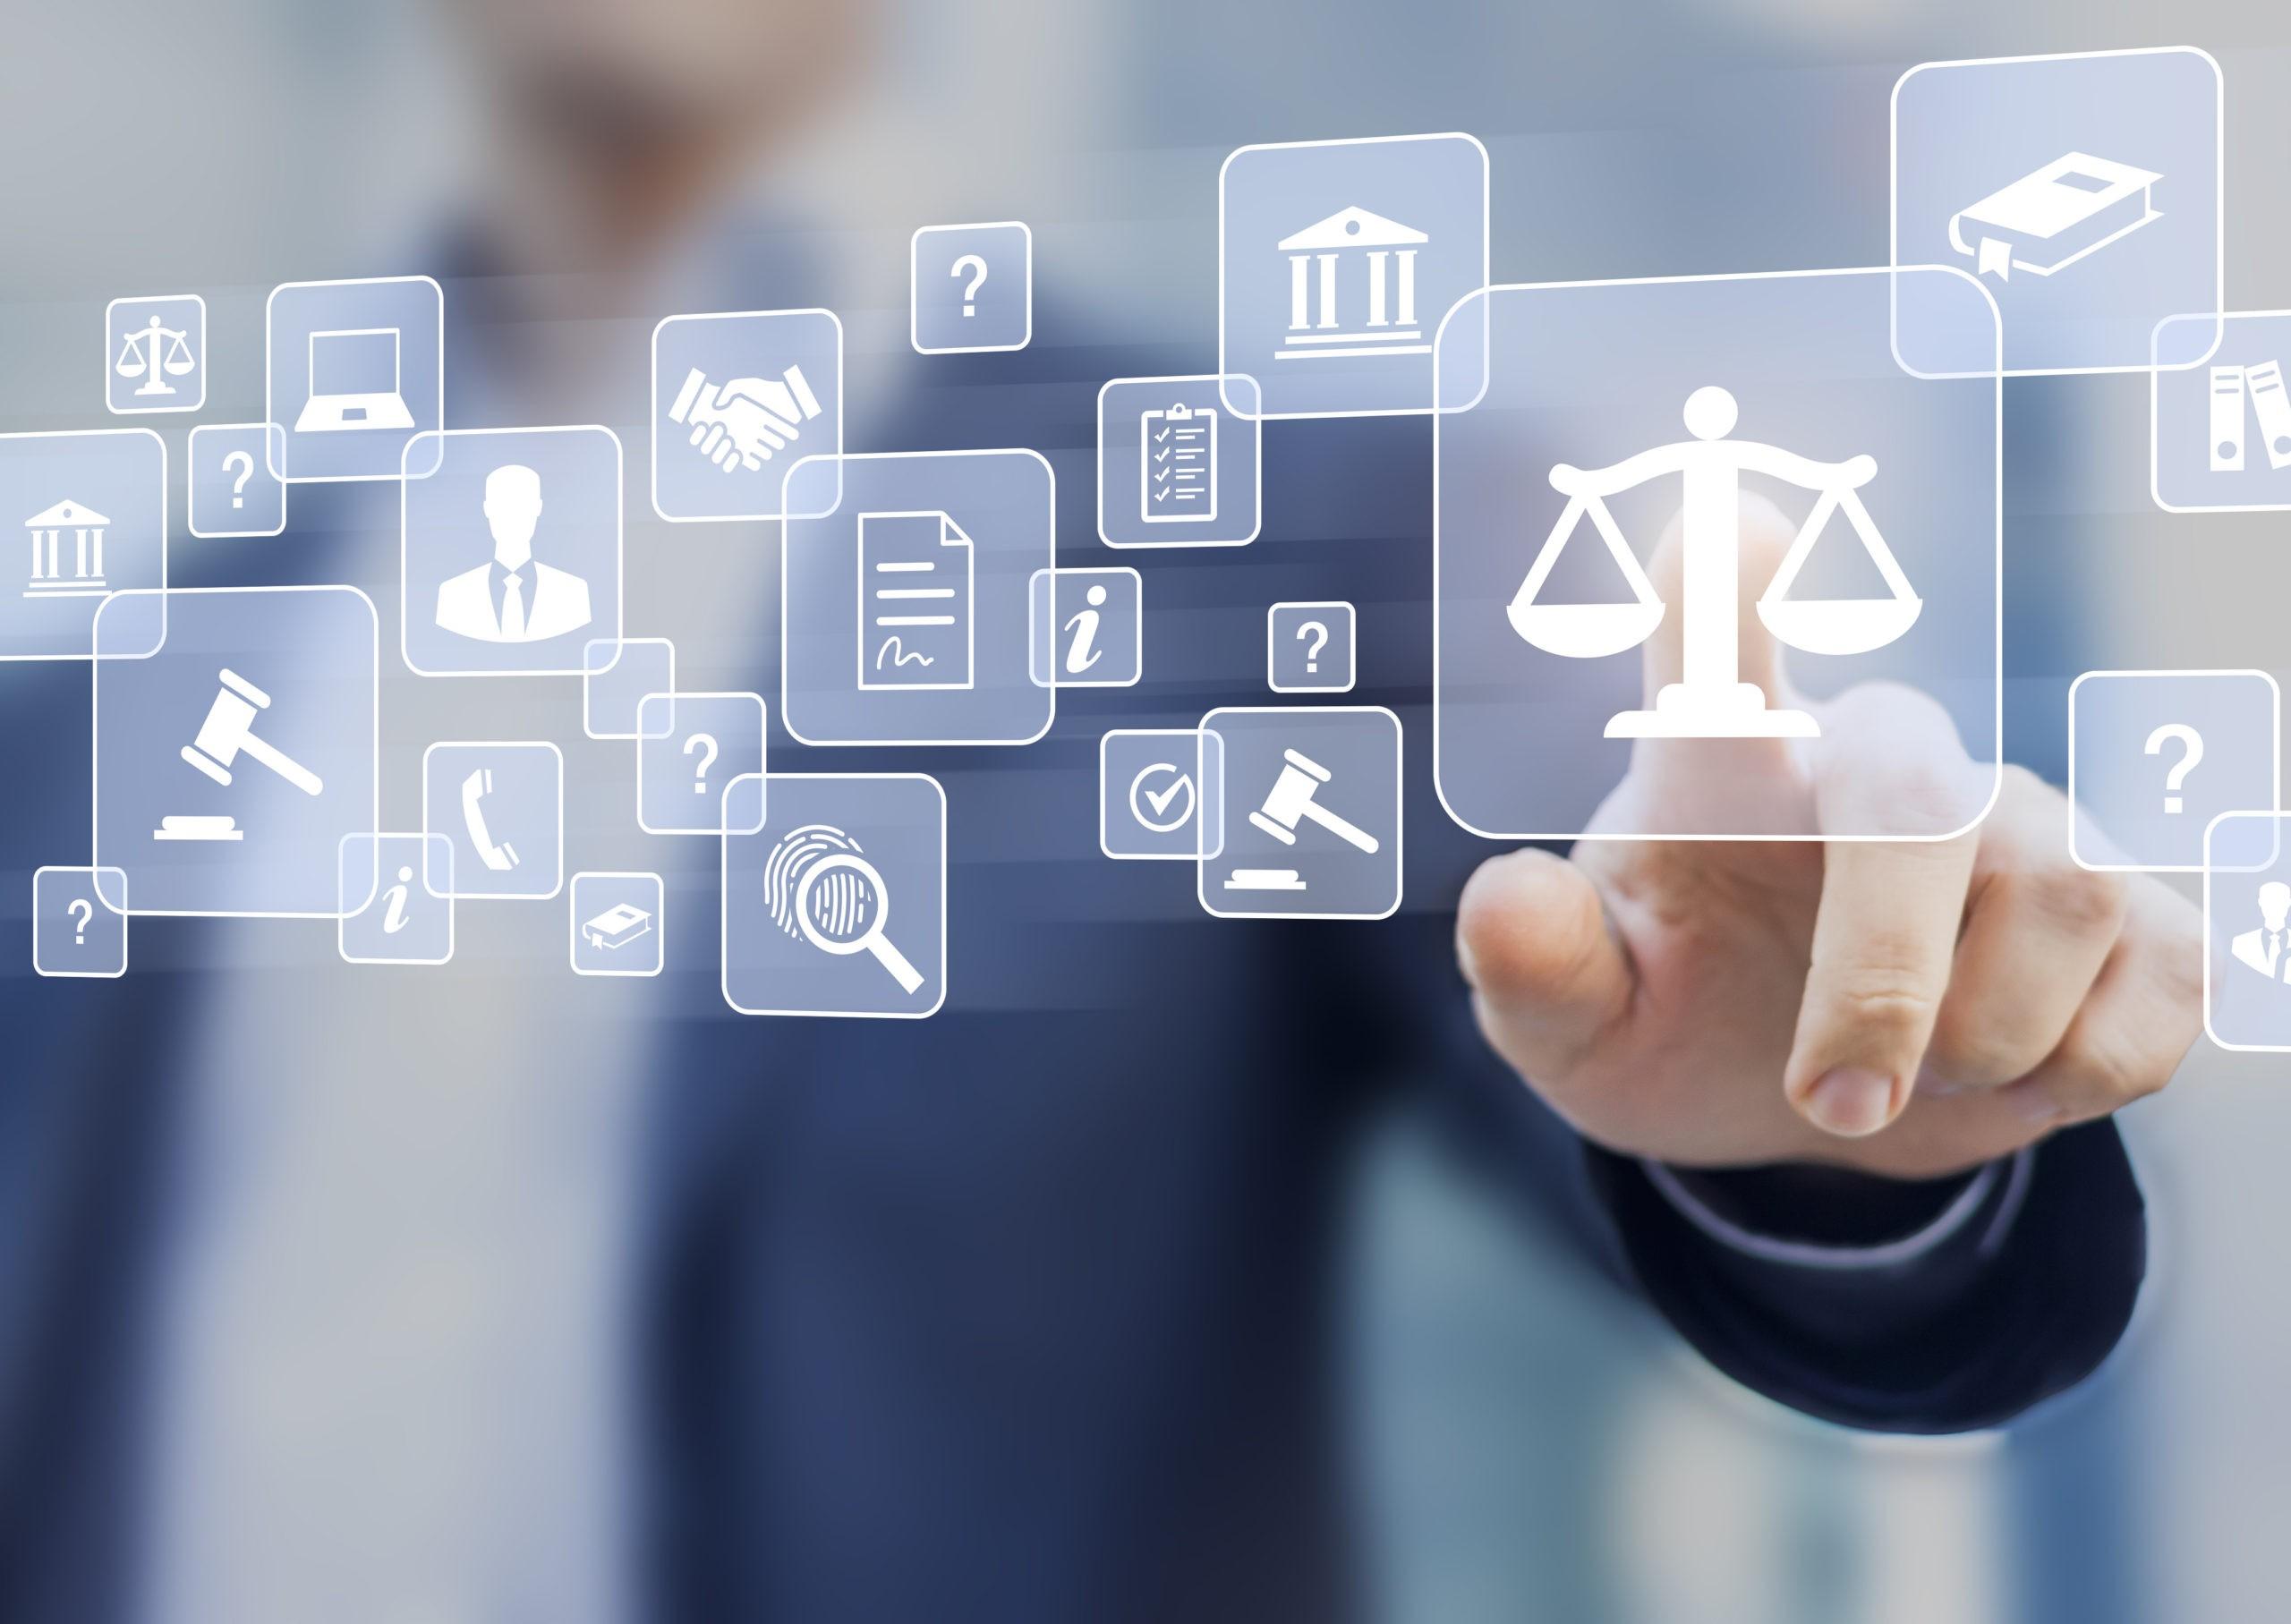 Contrôles de la CPPAP, dans le cadre de l'habilitation à publier des annonces judiciaires et légales (AJL)